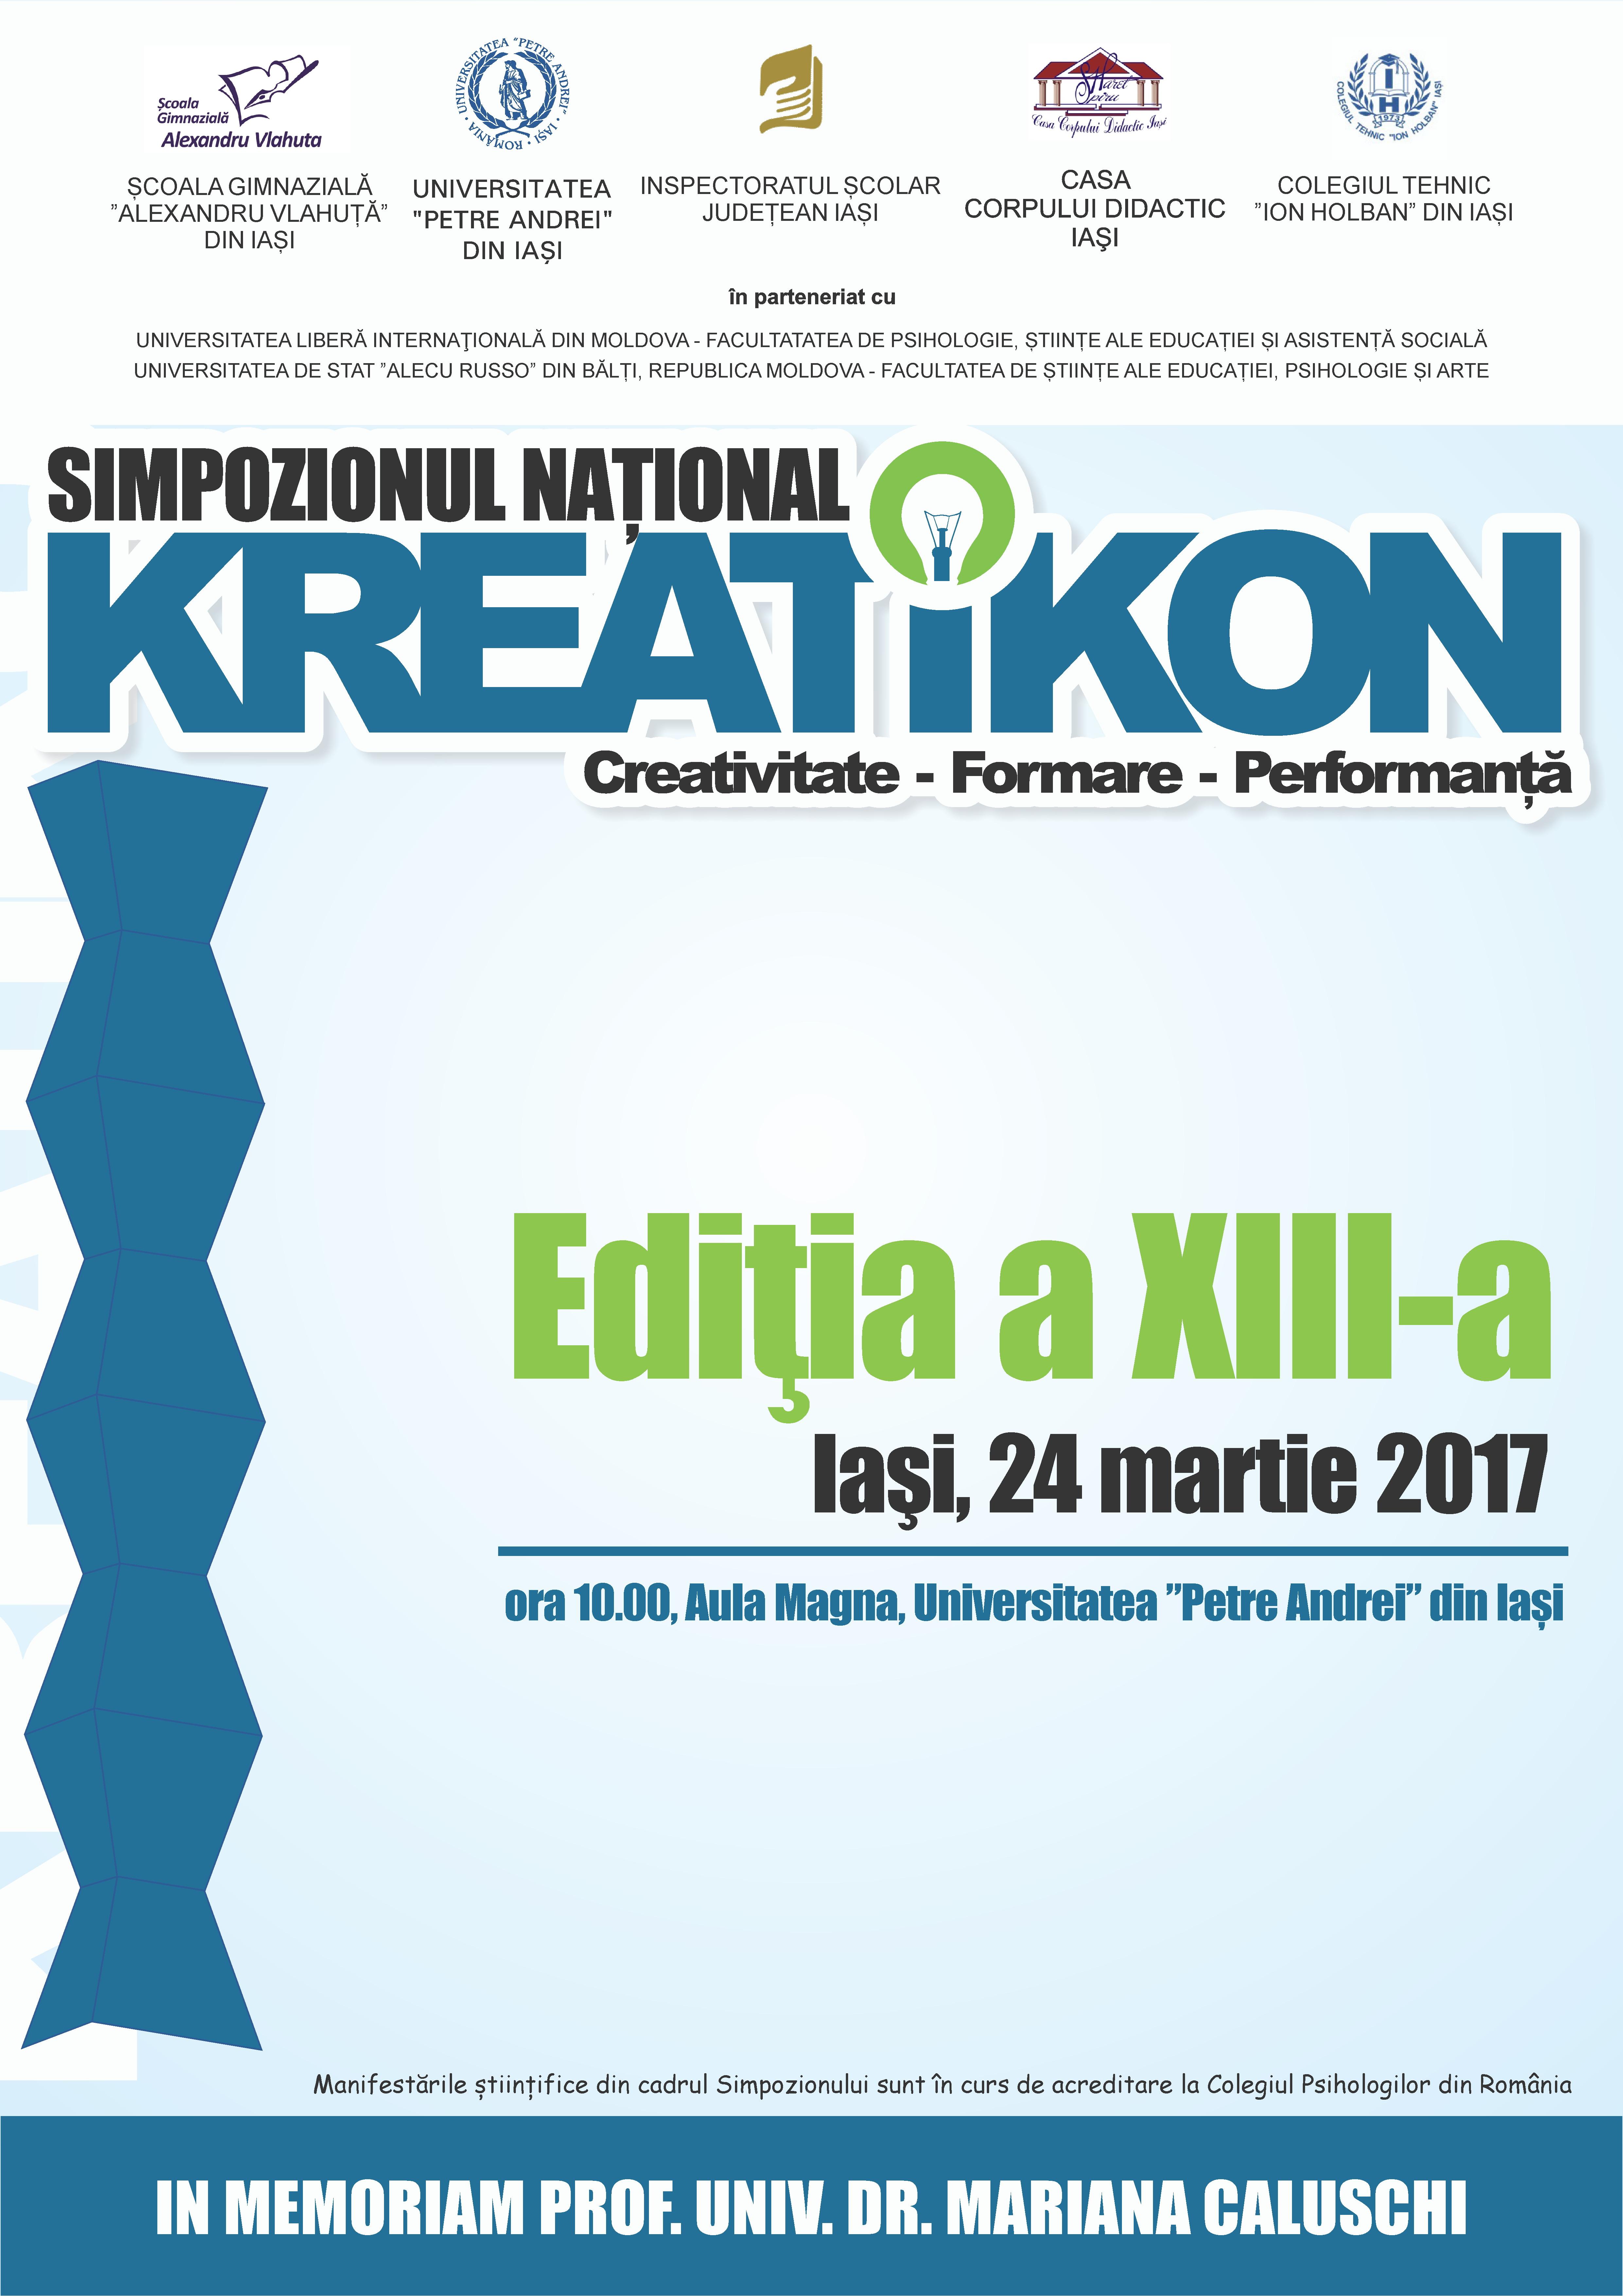 SIMPOZIONUL NAŢIONAL KREATIKON: Creativitate-Formare-Performanţă, editia a XIII-a